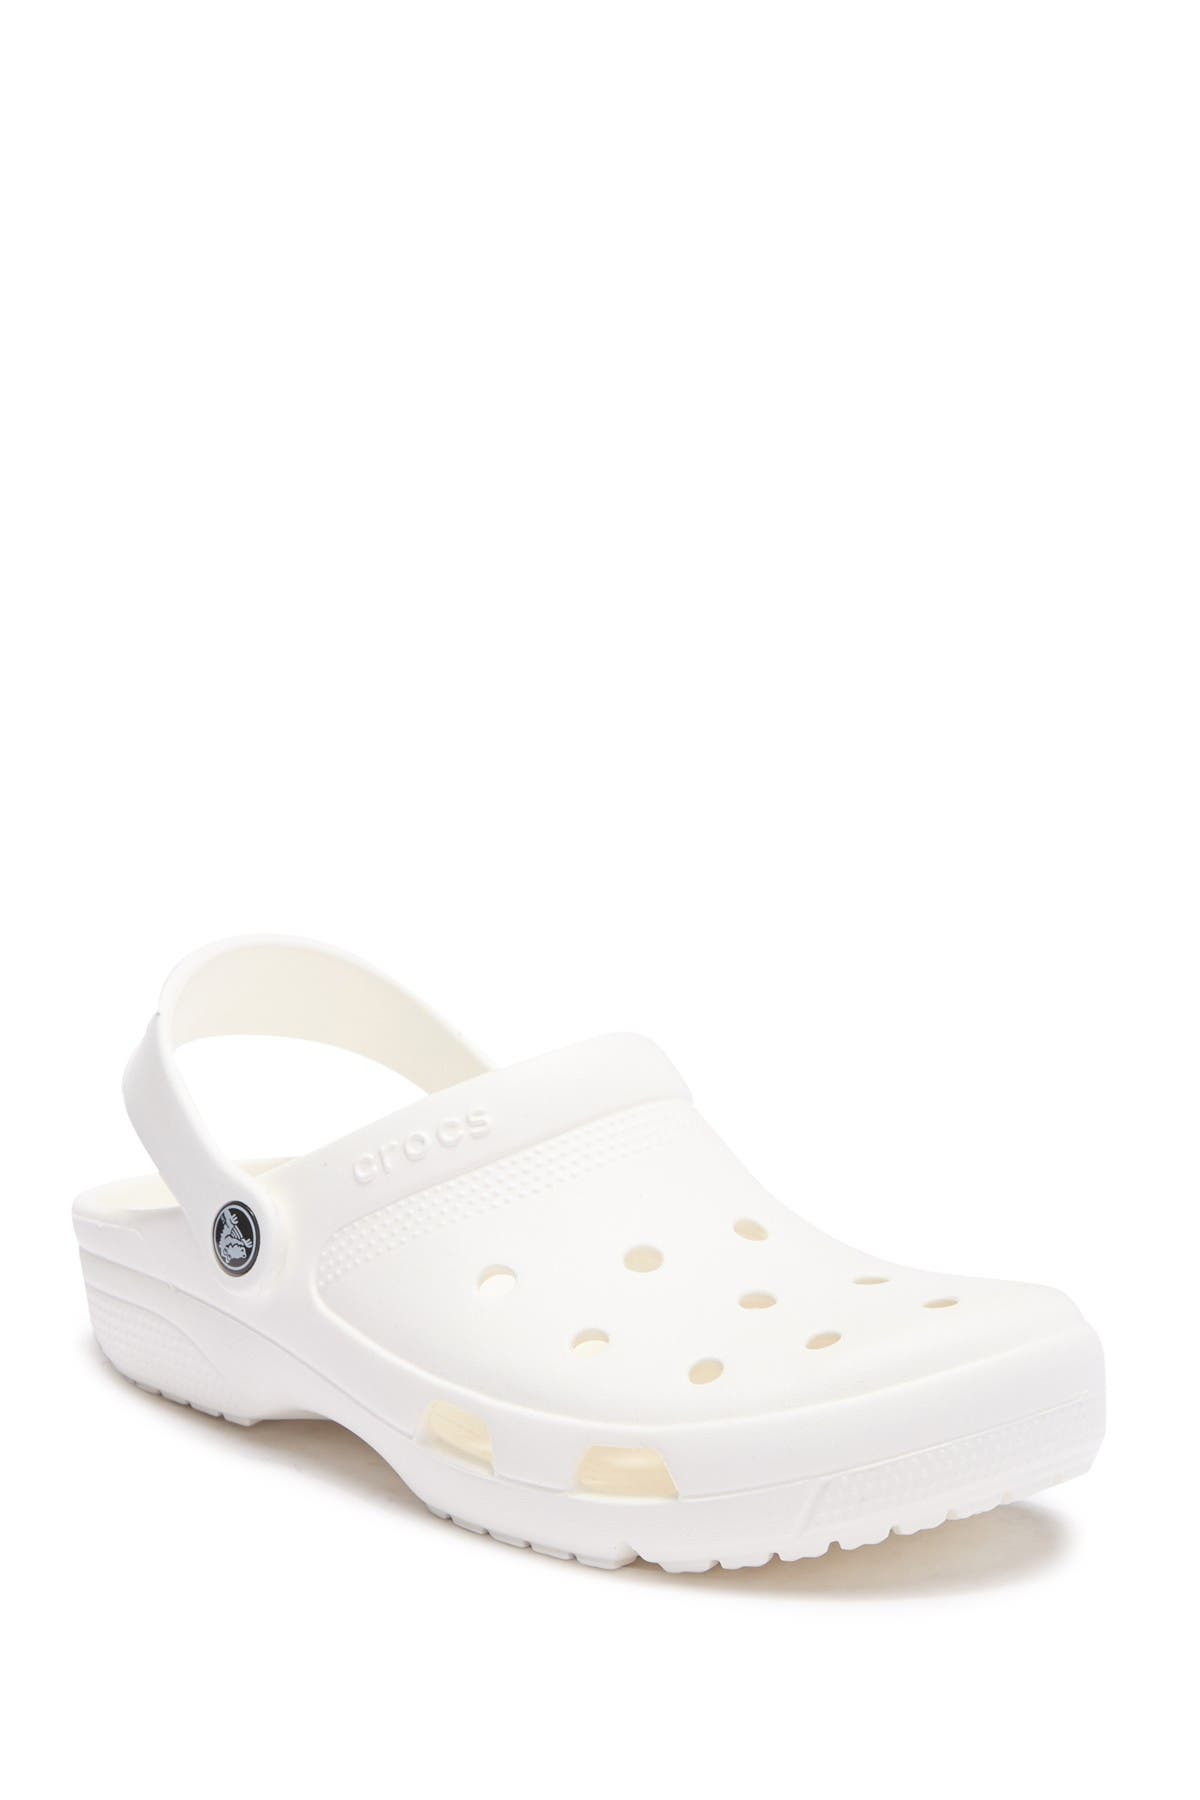 Women's Sandals | Nordstrom Rack